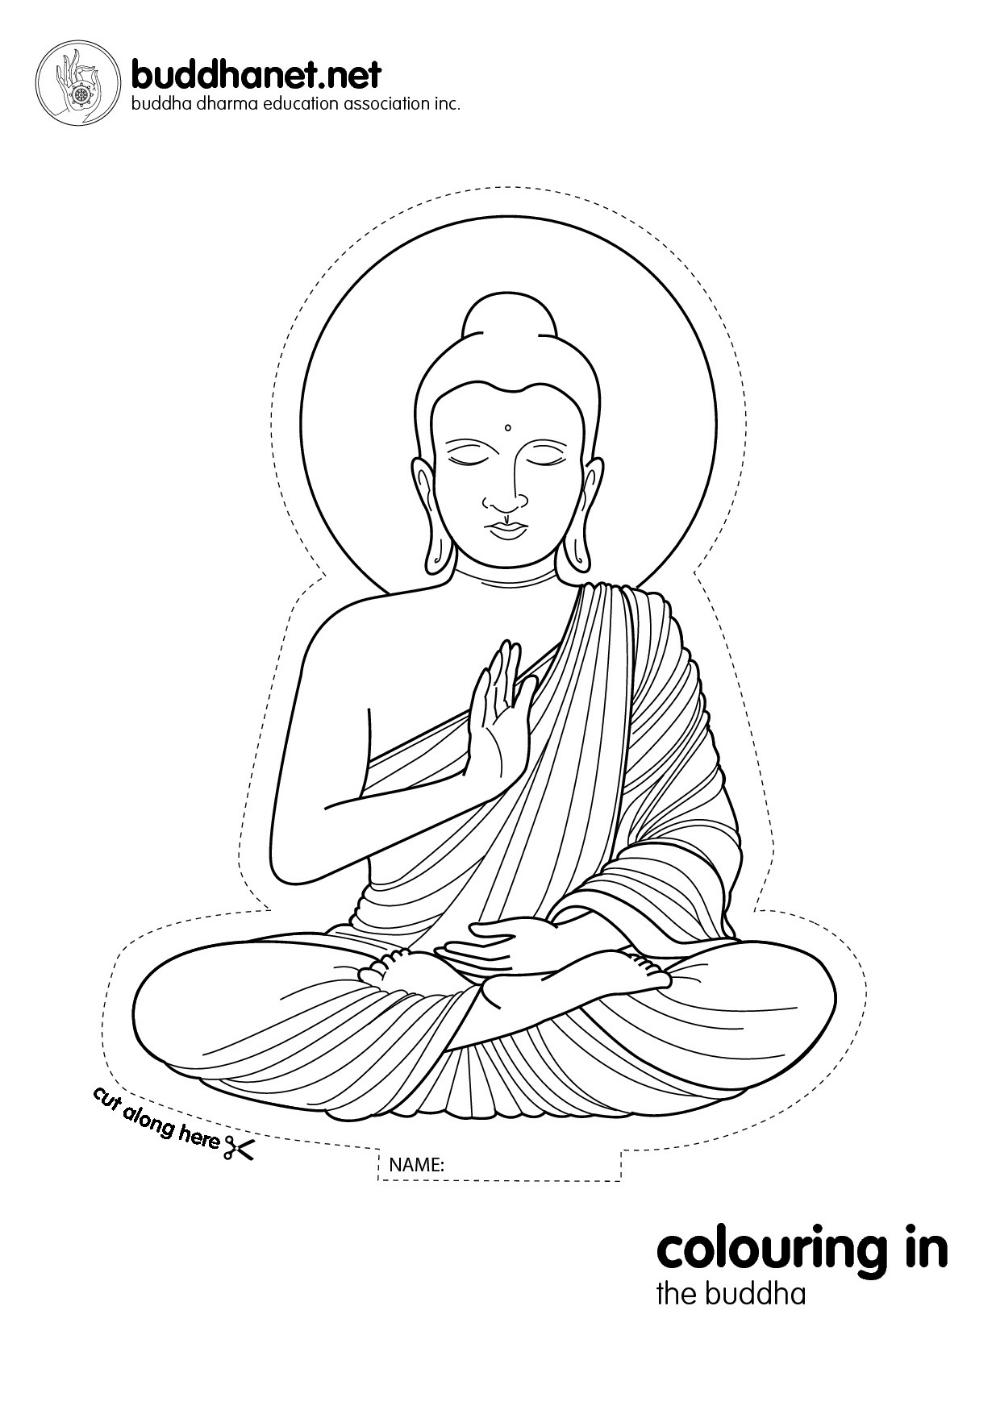 Bouddha Coloriage New Coloriage Statue Bouddha A Imprimer De Dessin Bouddha A Imprimer En Burlingtonjs Org New Bouddha Colo Coloriage Coloriage Mario Bouddha